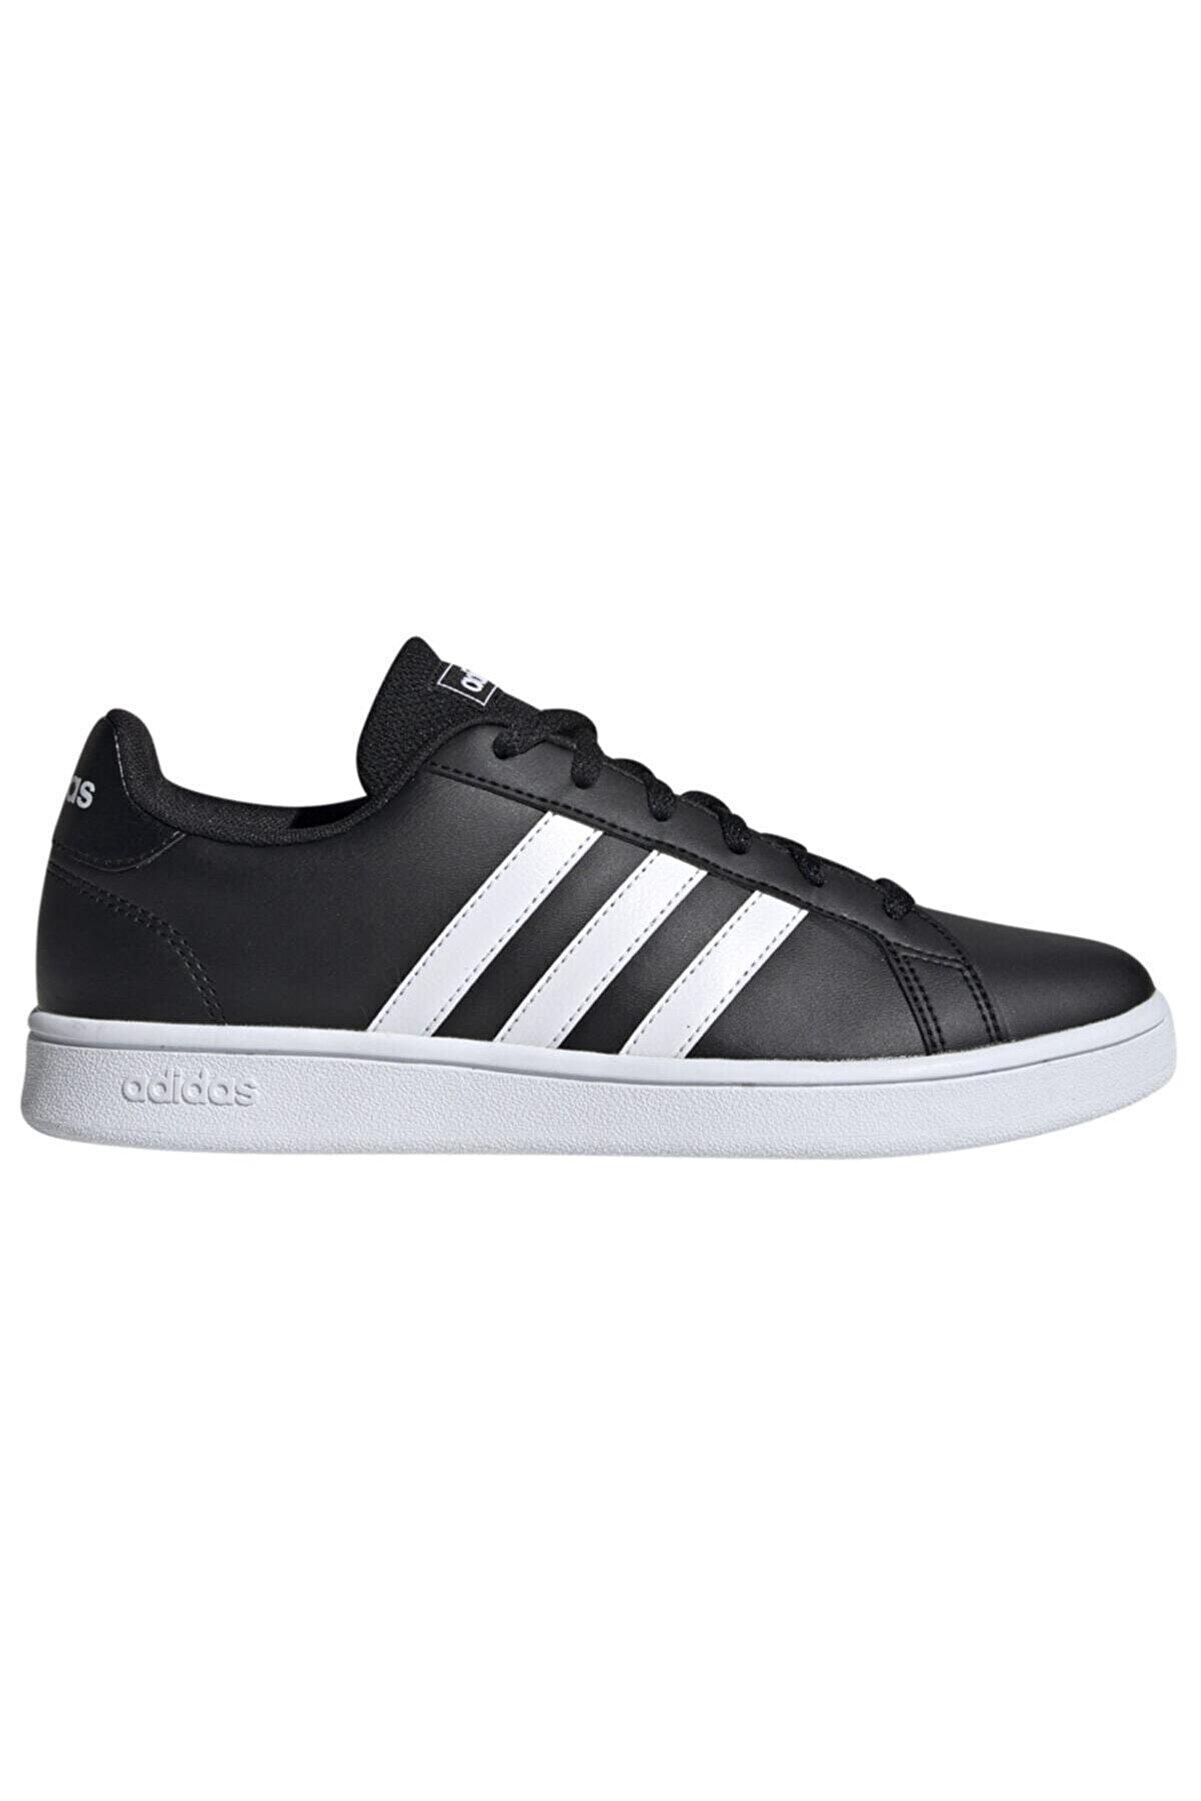 adidas Grand Court Base Kadın Spor Ayakkabı Cblack/ftwwht Ee7482